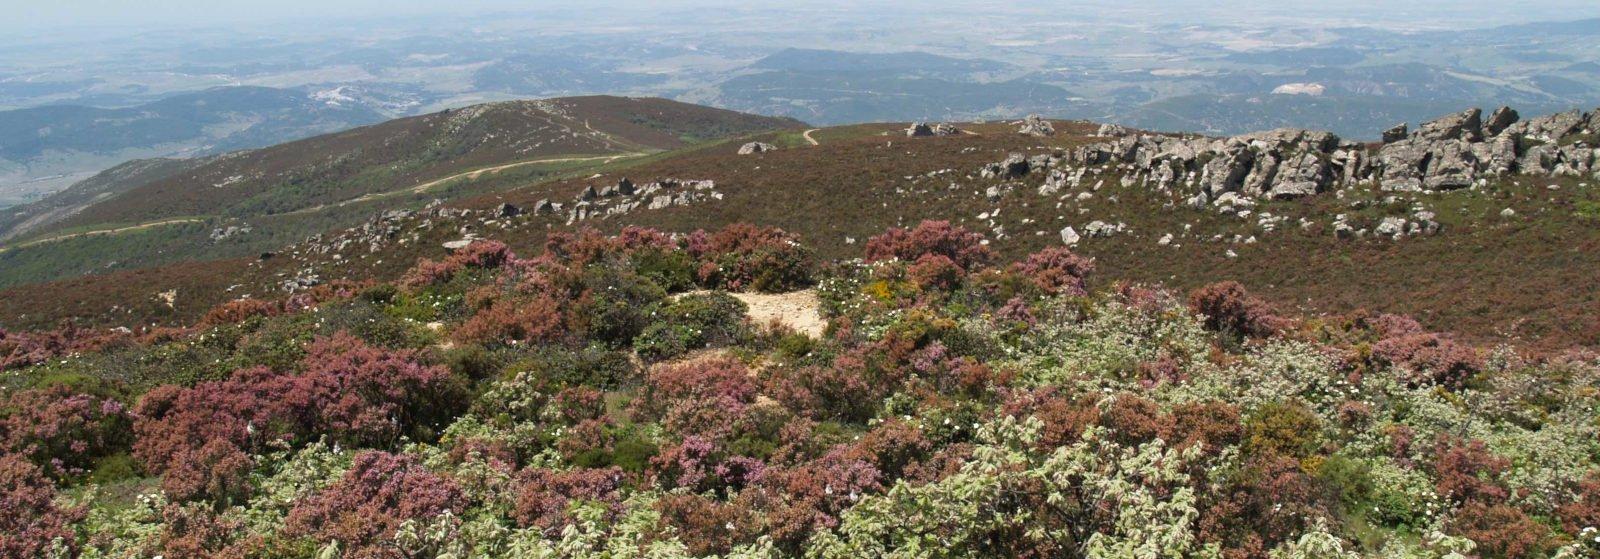 Paisaje de Herriza en el Campo de Gibraltar